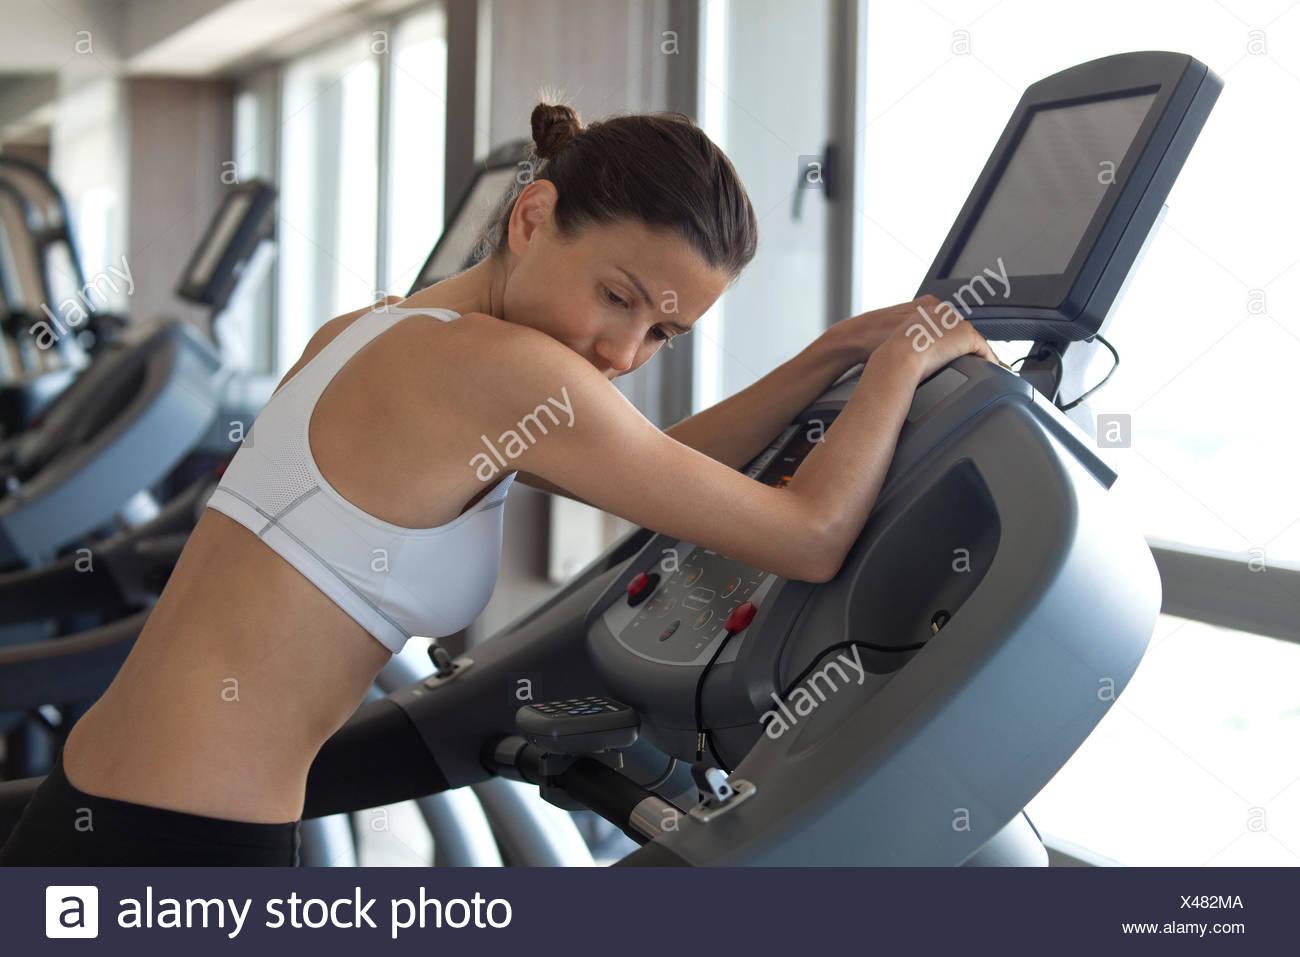 Mujer con máquina de ejercicio en el club de la salud Imagen De Stock